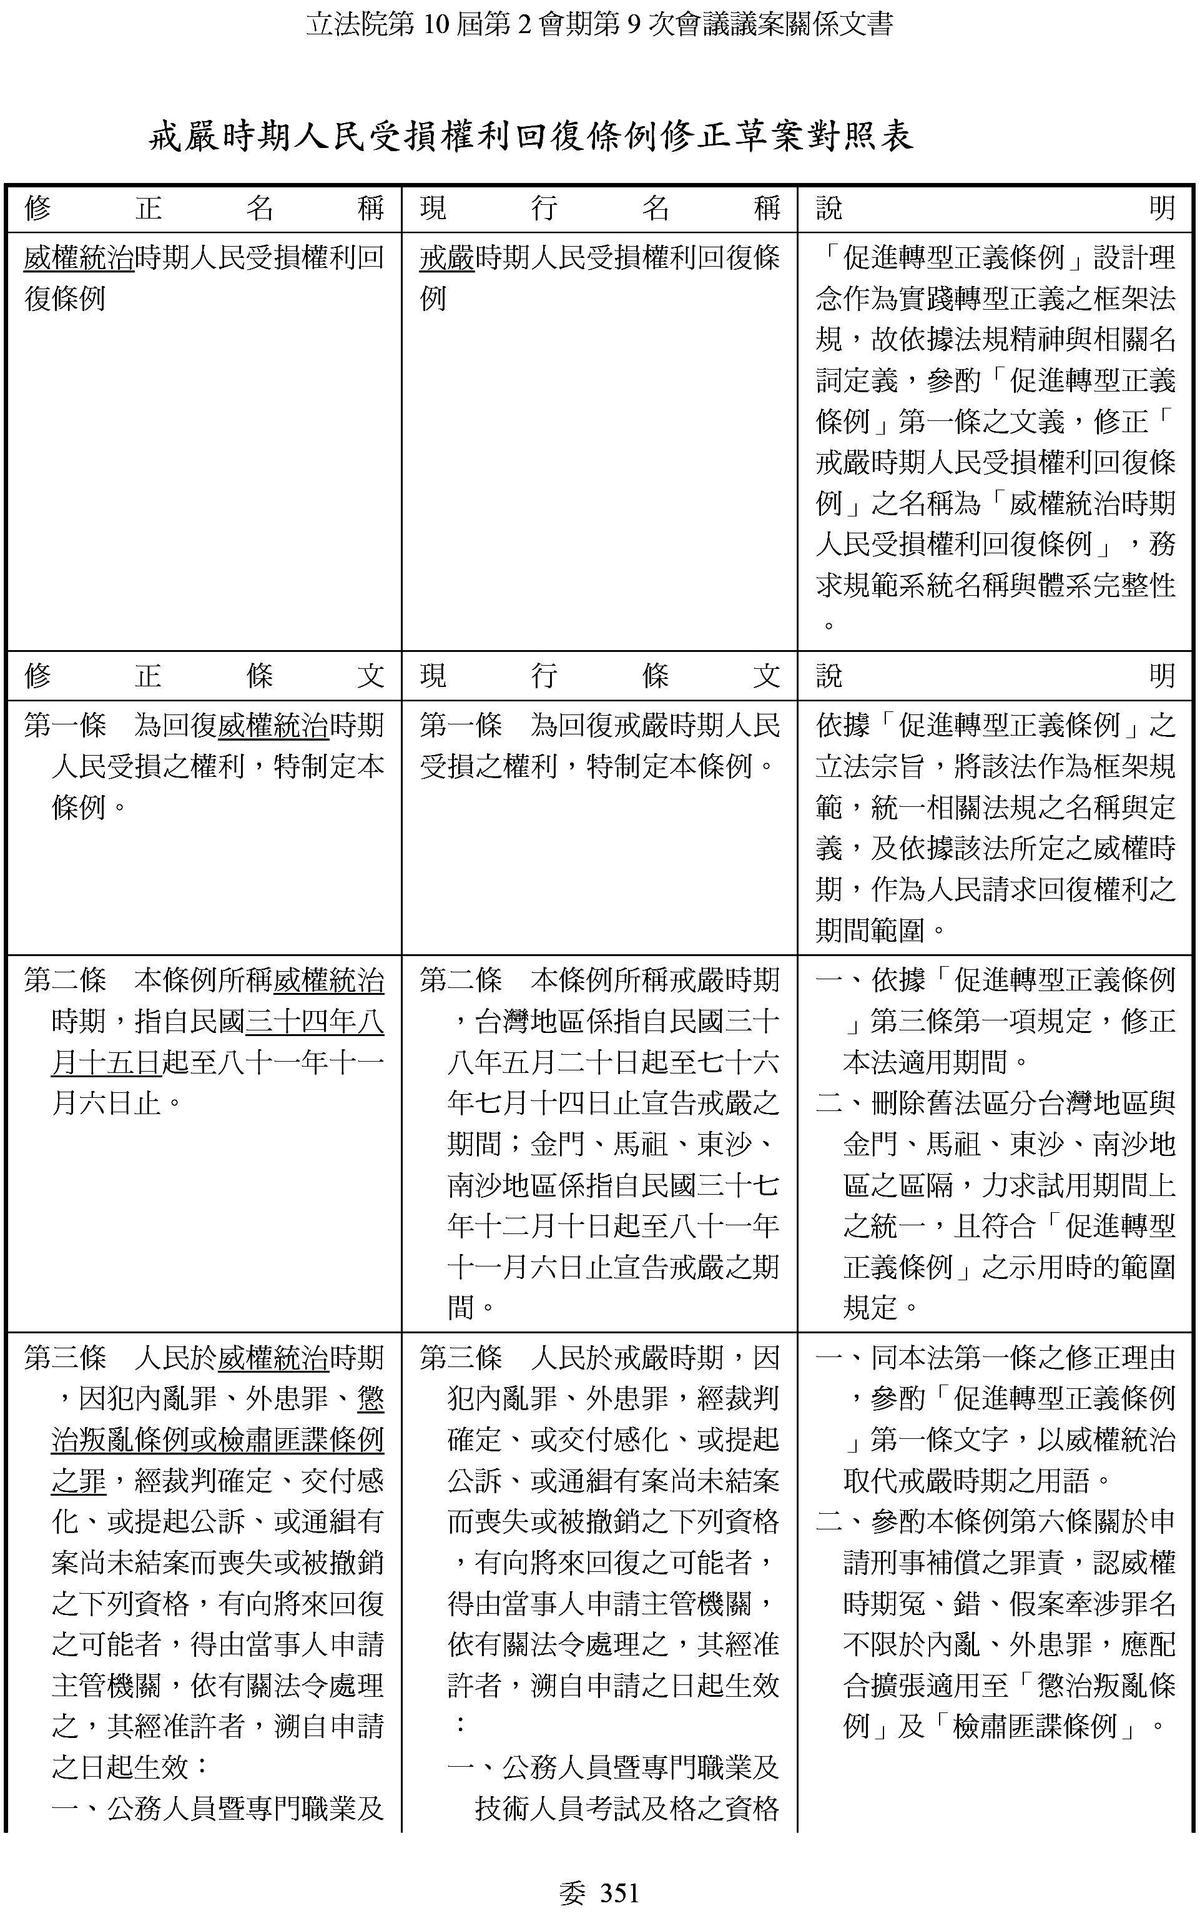 蔣萬安提案修《戒嚴時期人民受損權利回復條例》,將適用範圍擴大自1945年算起,涵蓋兩蔣時代。